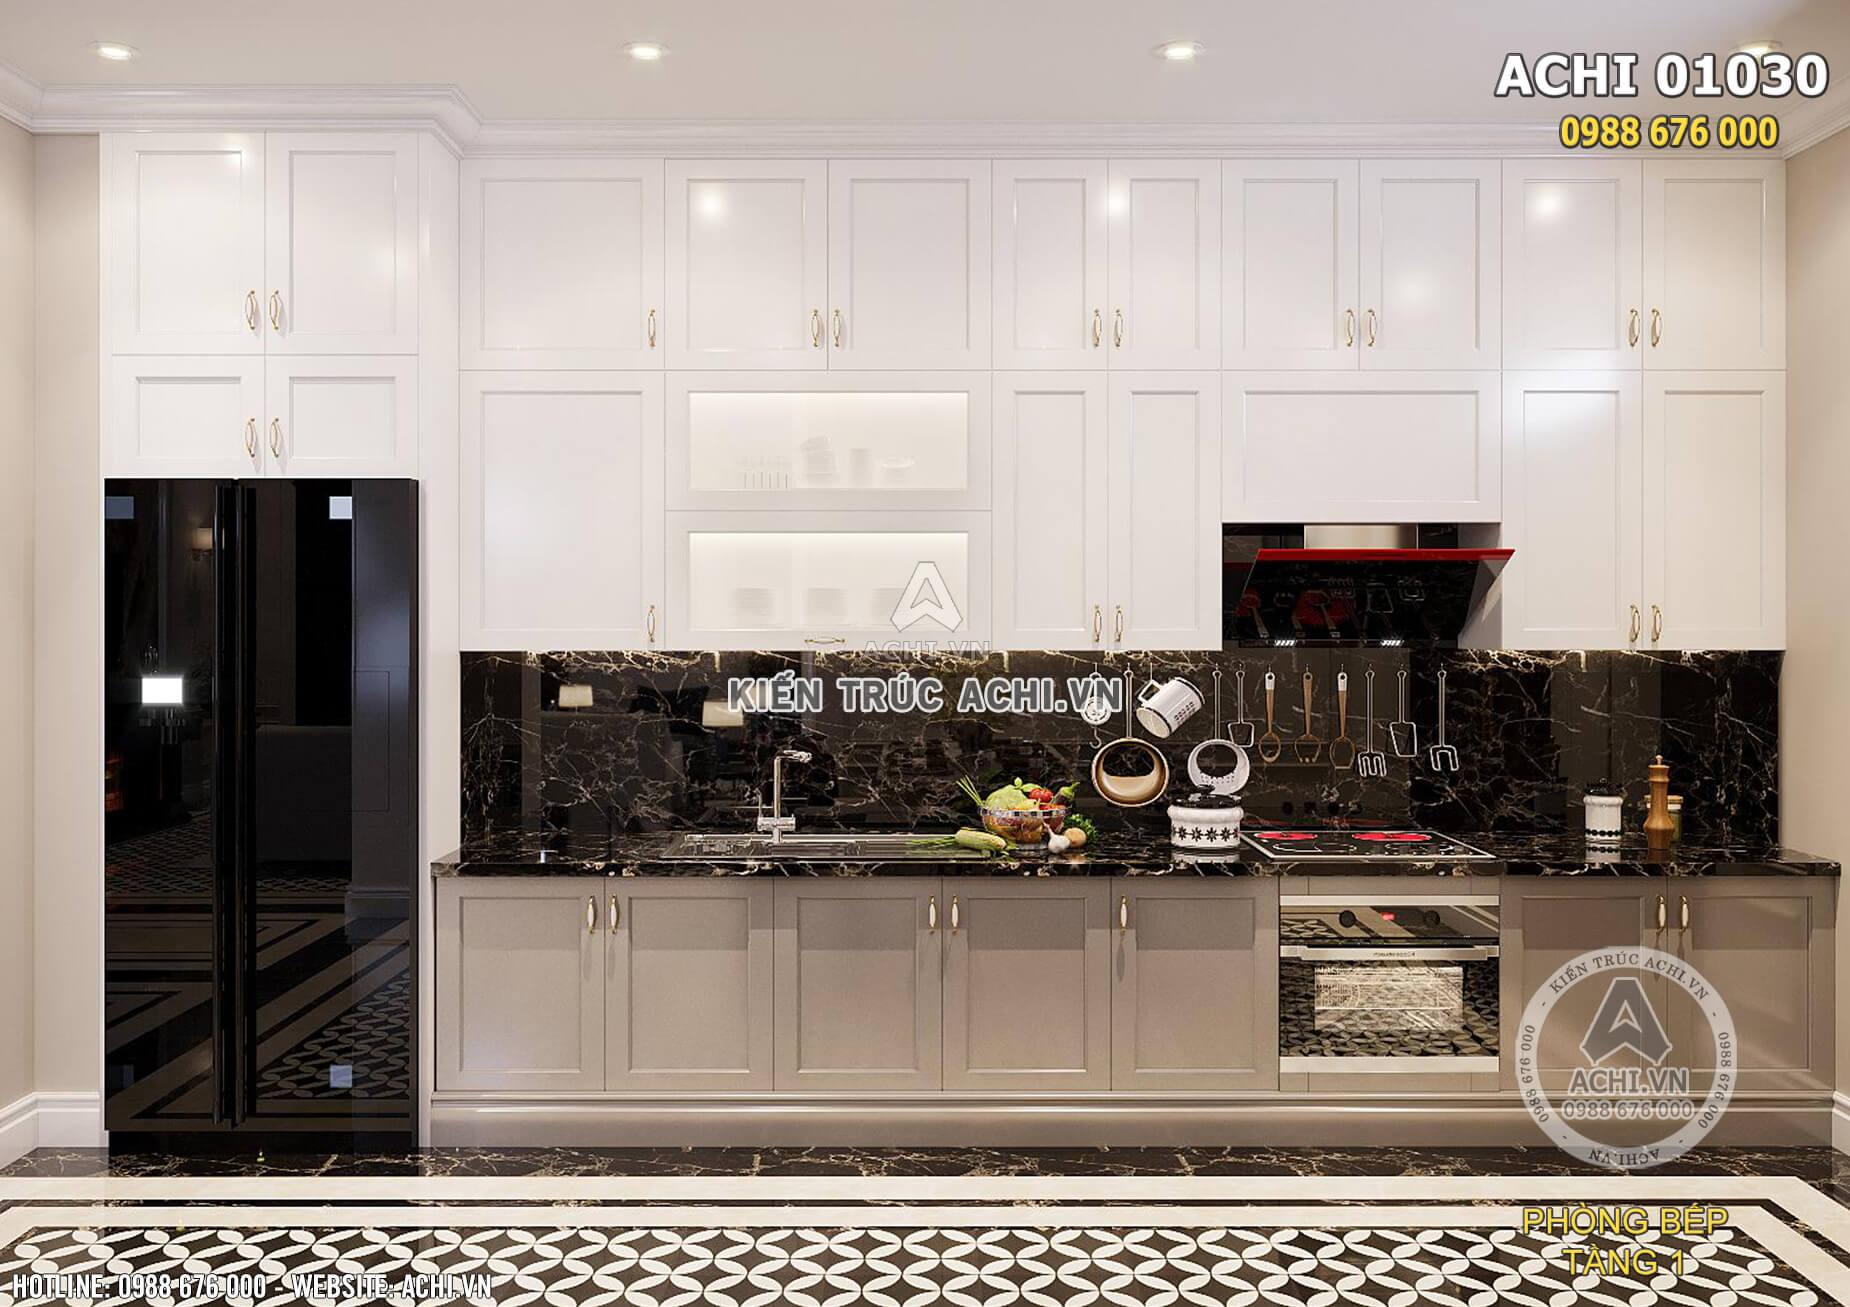 Nơi giữ lửa trong ngôi nhà được bài trí ngăn nắp, gọn gàng, sạch sẽ và tiện nghi